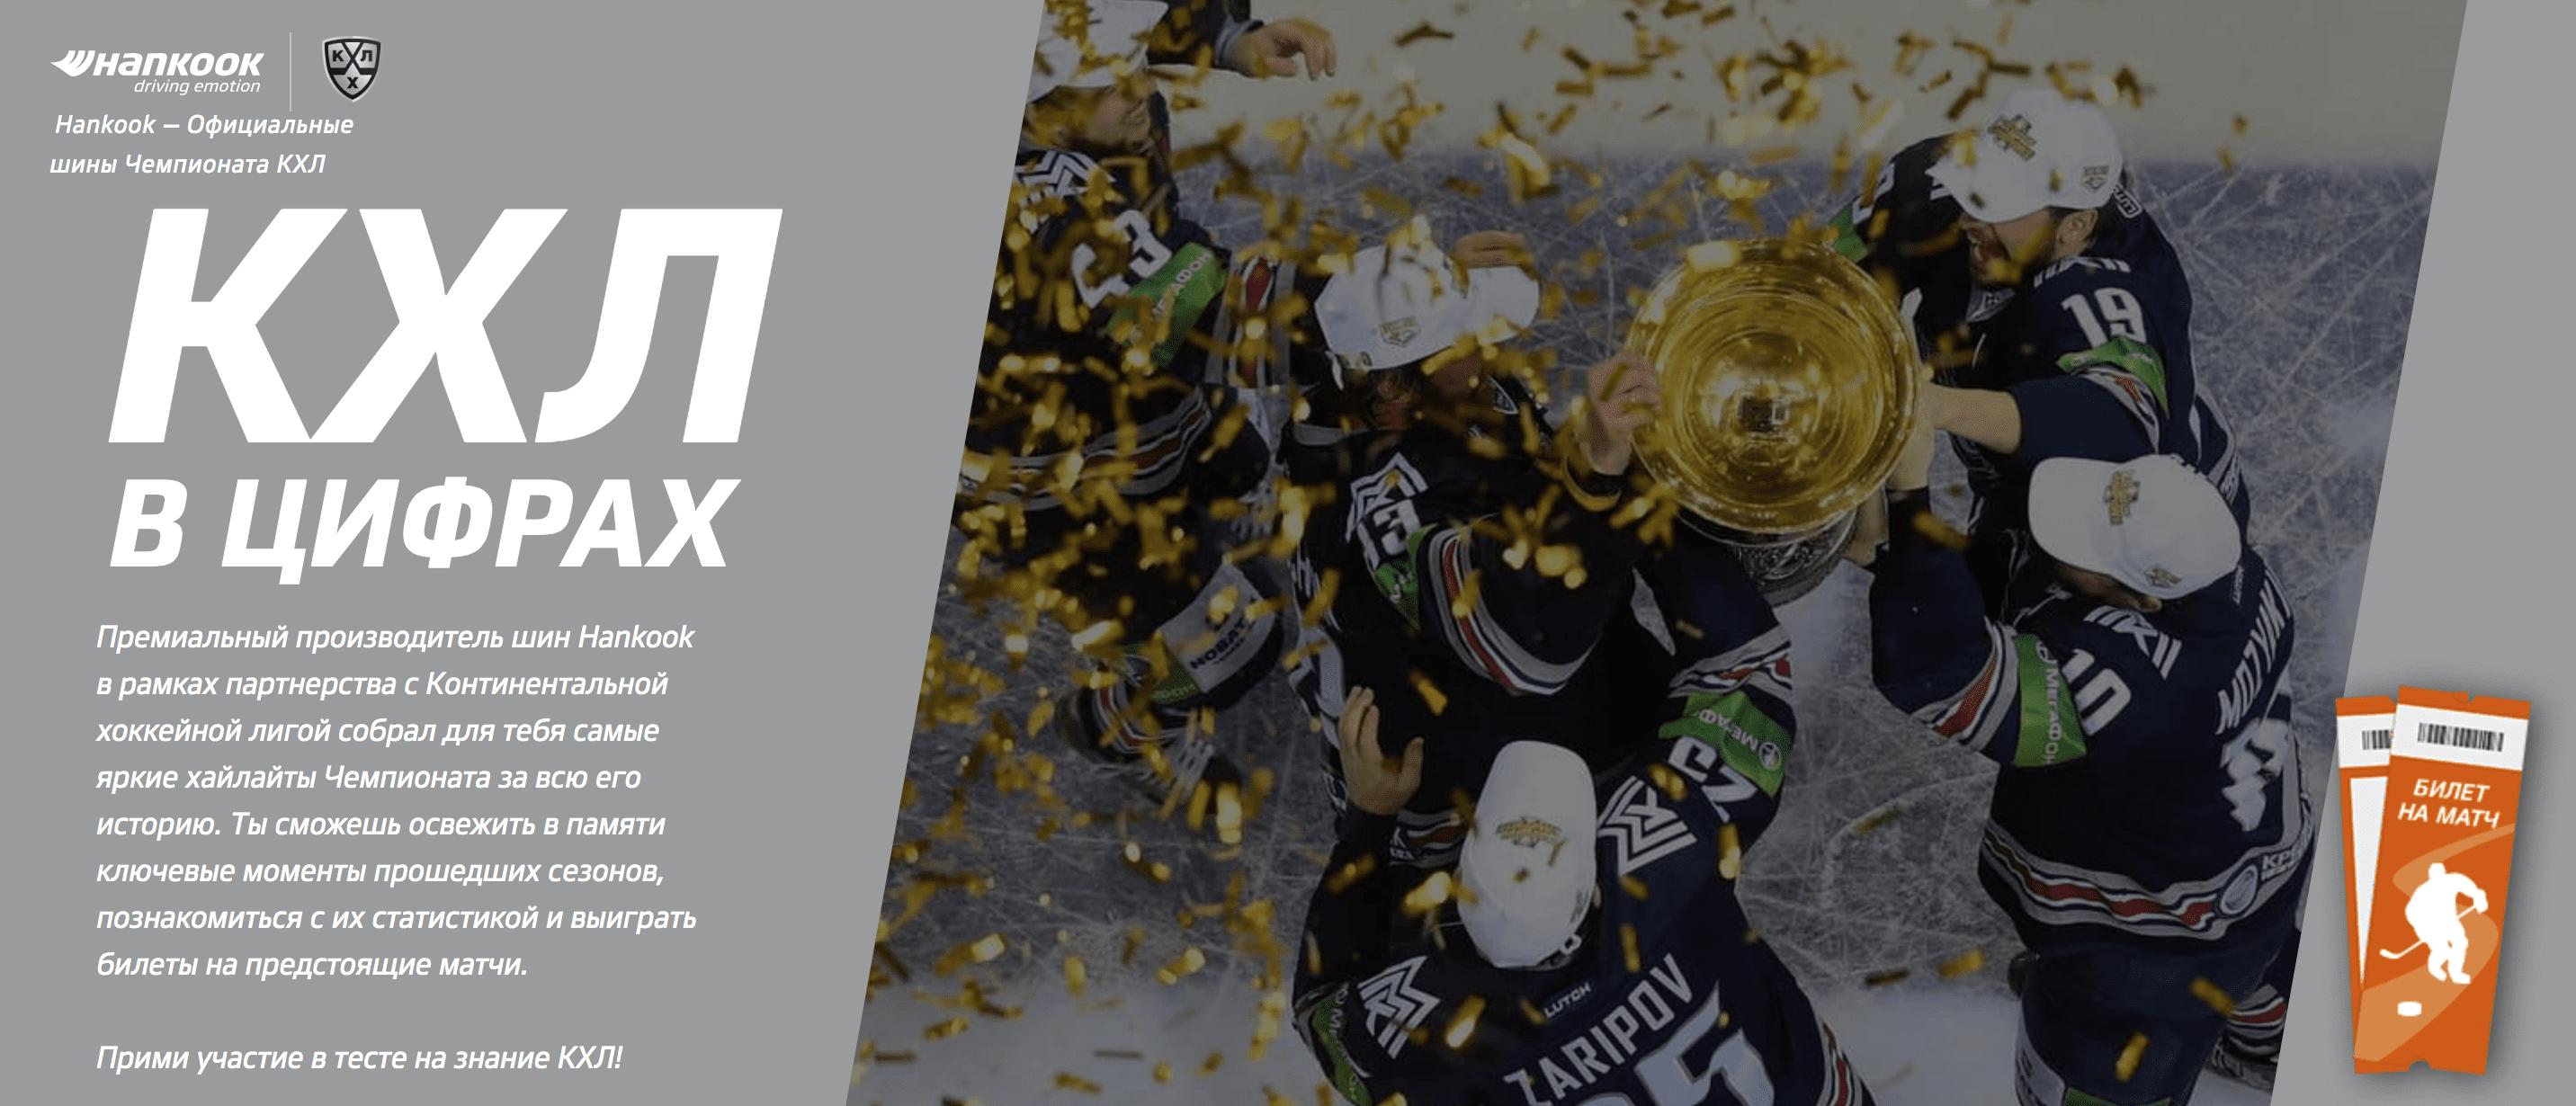 Вспомнить все — и выиграть: конкурс от Hankook и КХЛ.